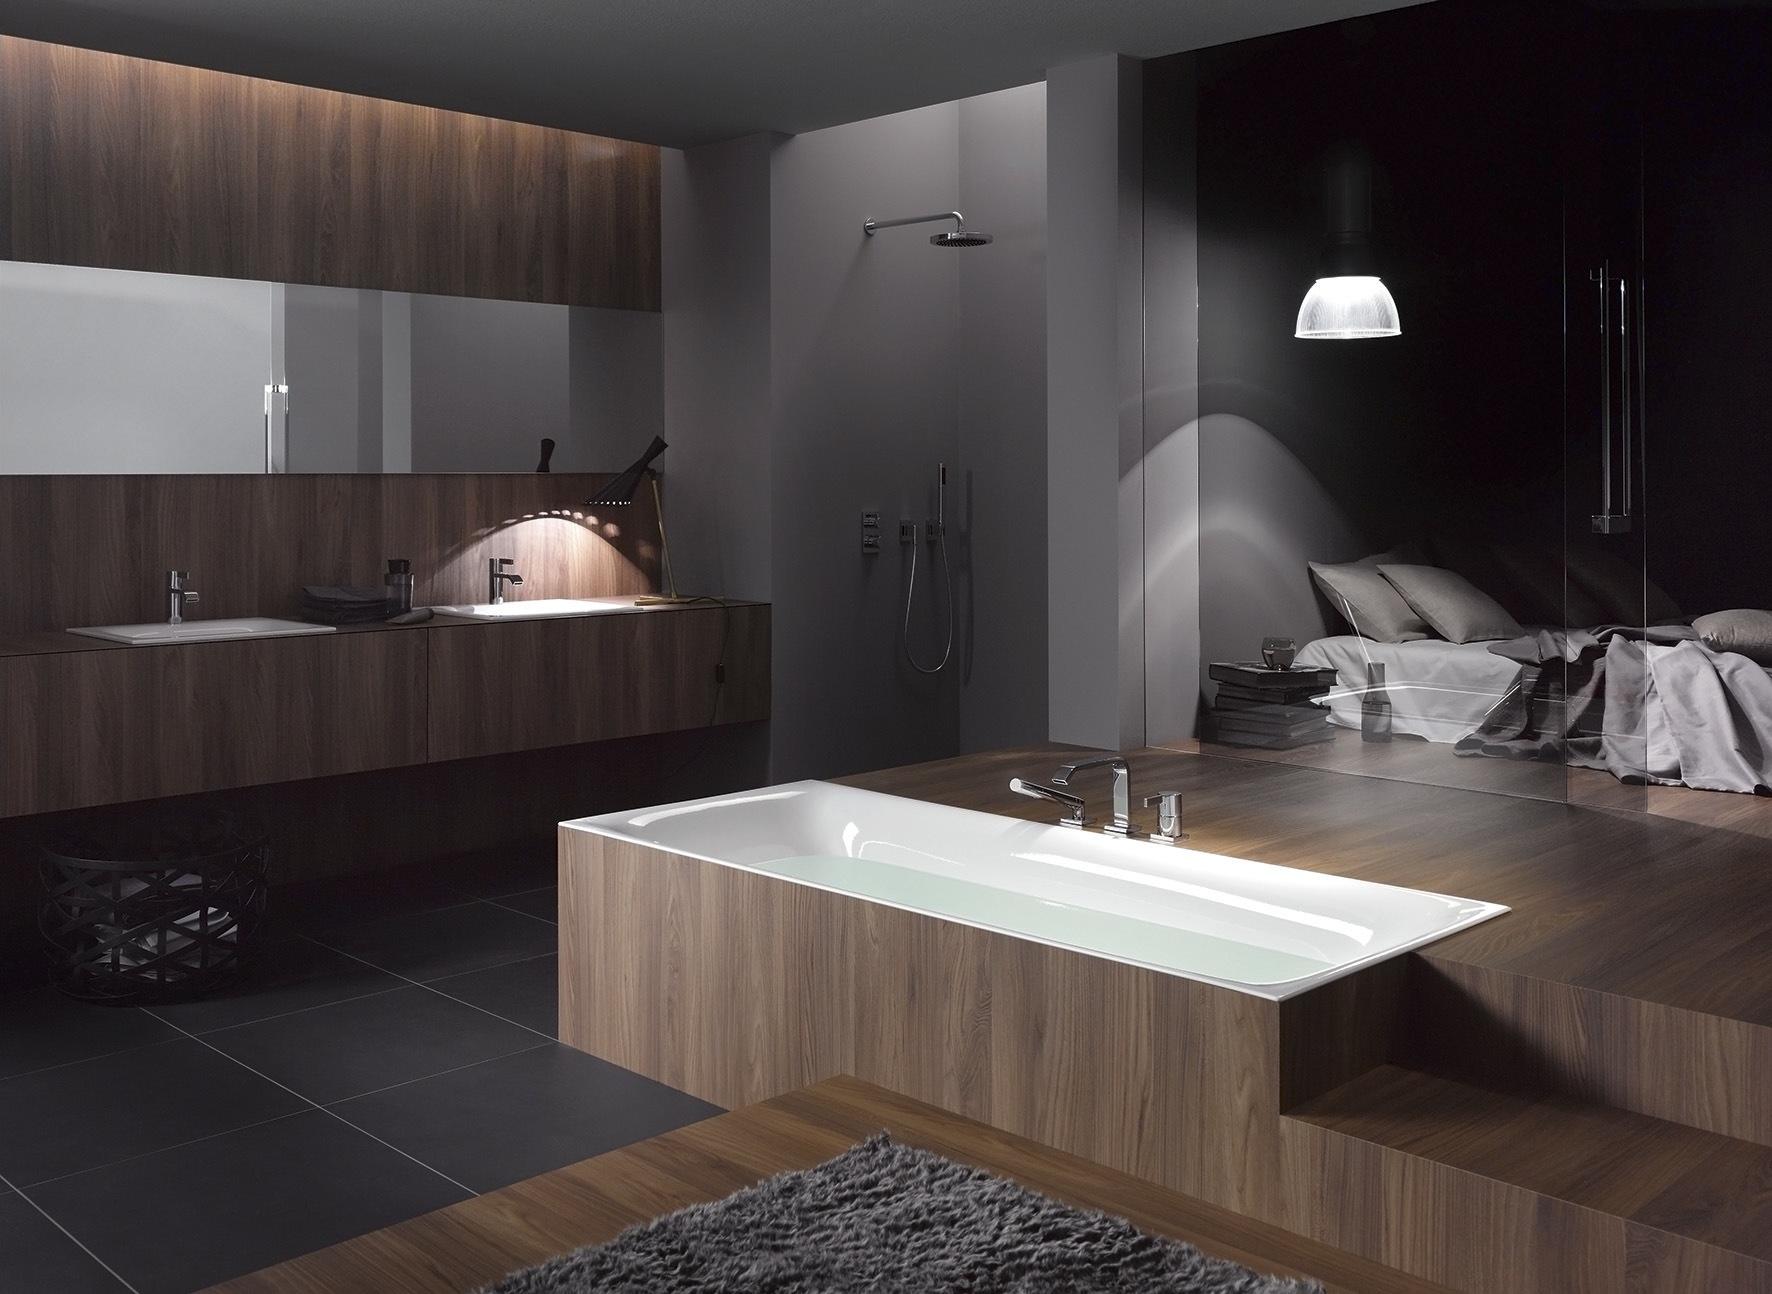 Een open badkamer in de slaapkamer? Wat zijn de voordelen? - Nieuws ...